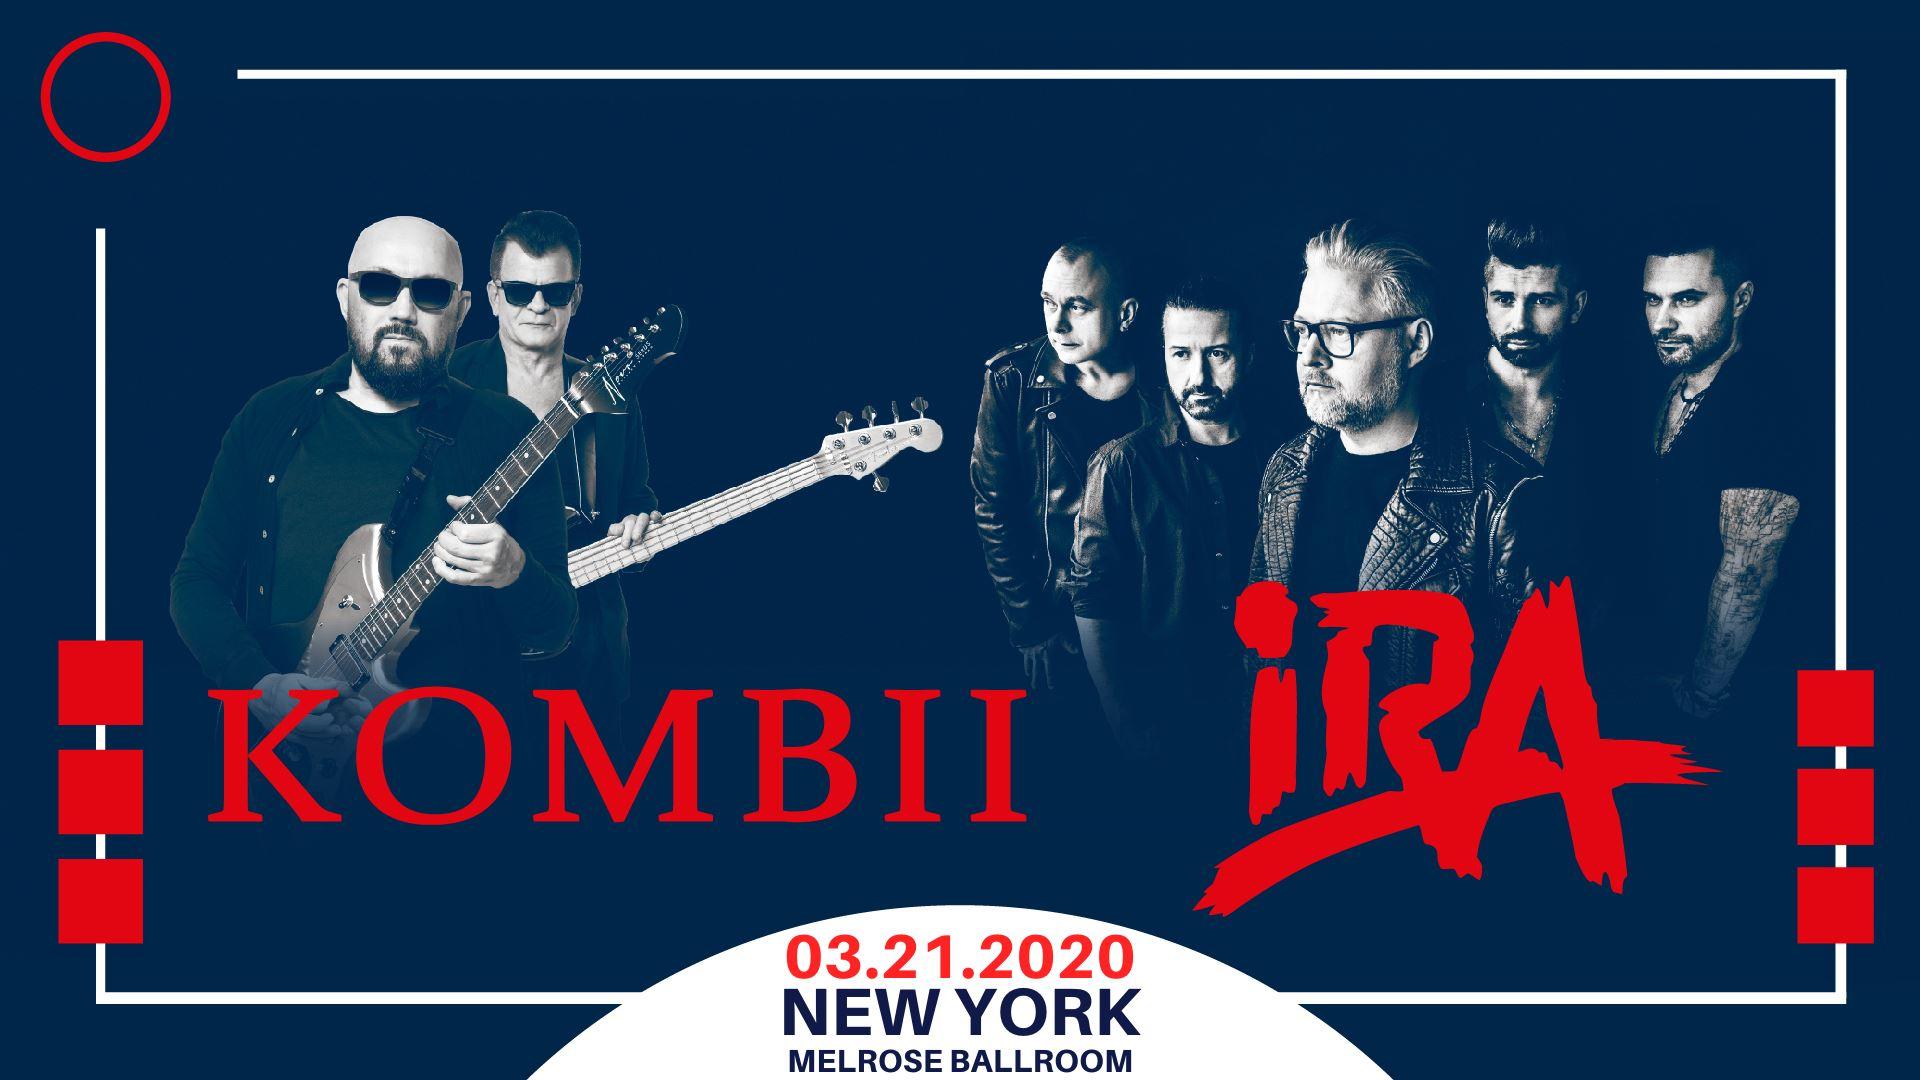 KOMBII i IRA w Nowym Jorku w marcu 2020 - KOCERT ODWOŁANY